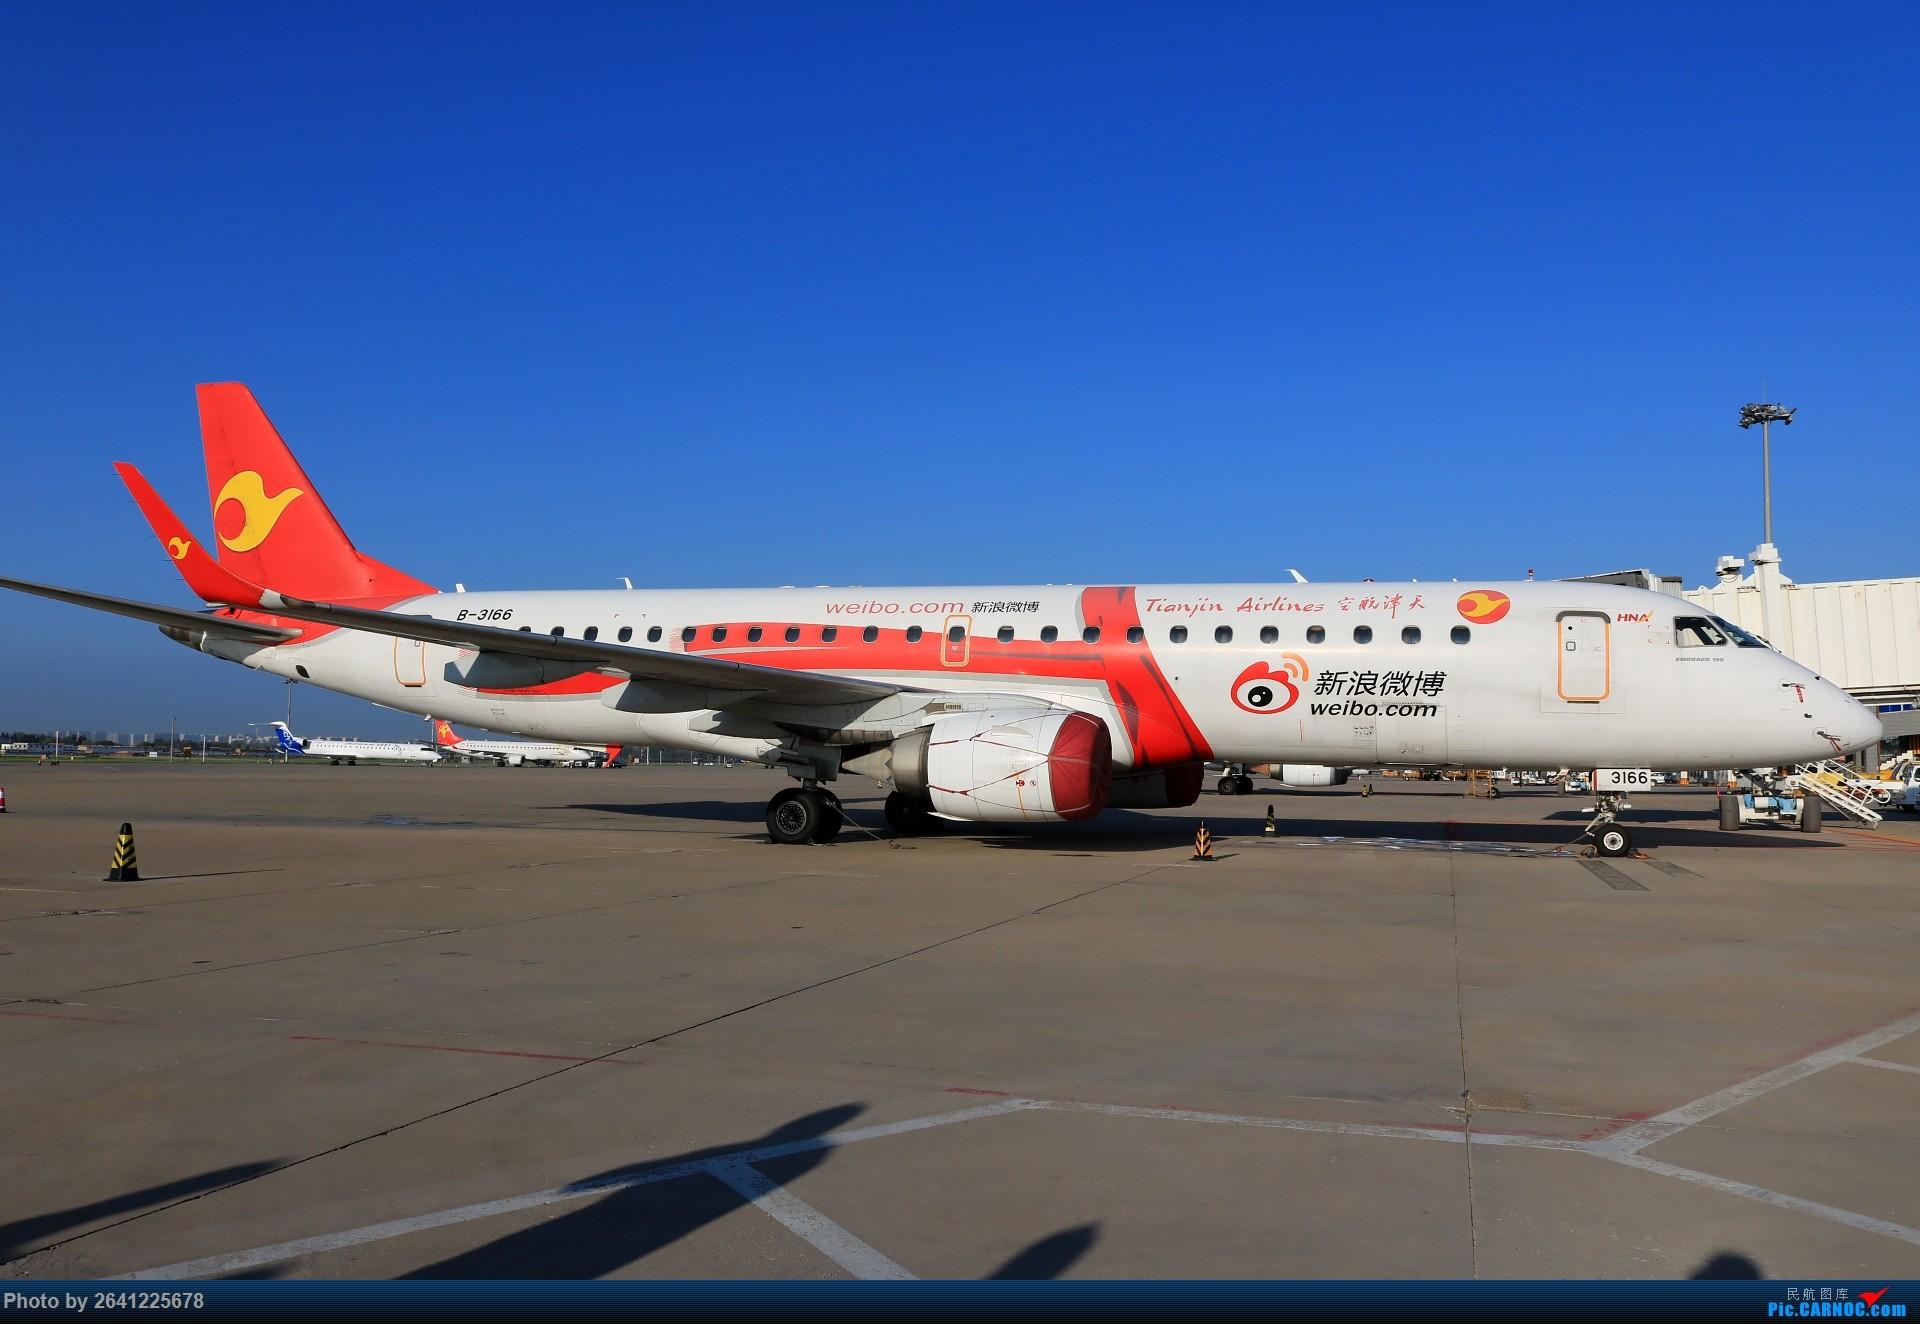 Re:[原创]【小周游记第3集】草原茫茫天地间,洁白的蒙古包散落在河边——内蒙古5天4飞半自由行(宽体与支线客机初体验)有flight log和驾驶舱哦 EMBRAER E-190 B-3166 中国呼和浩特白塔国际机场